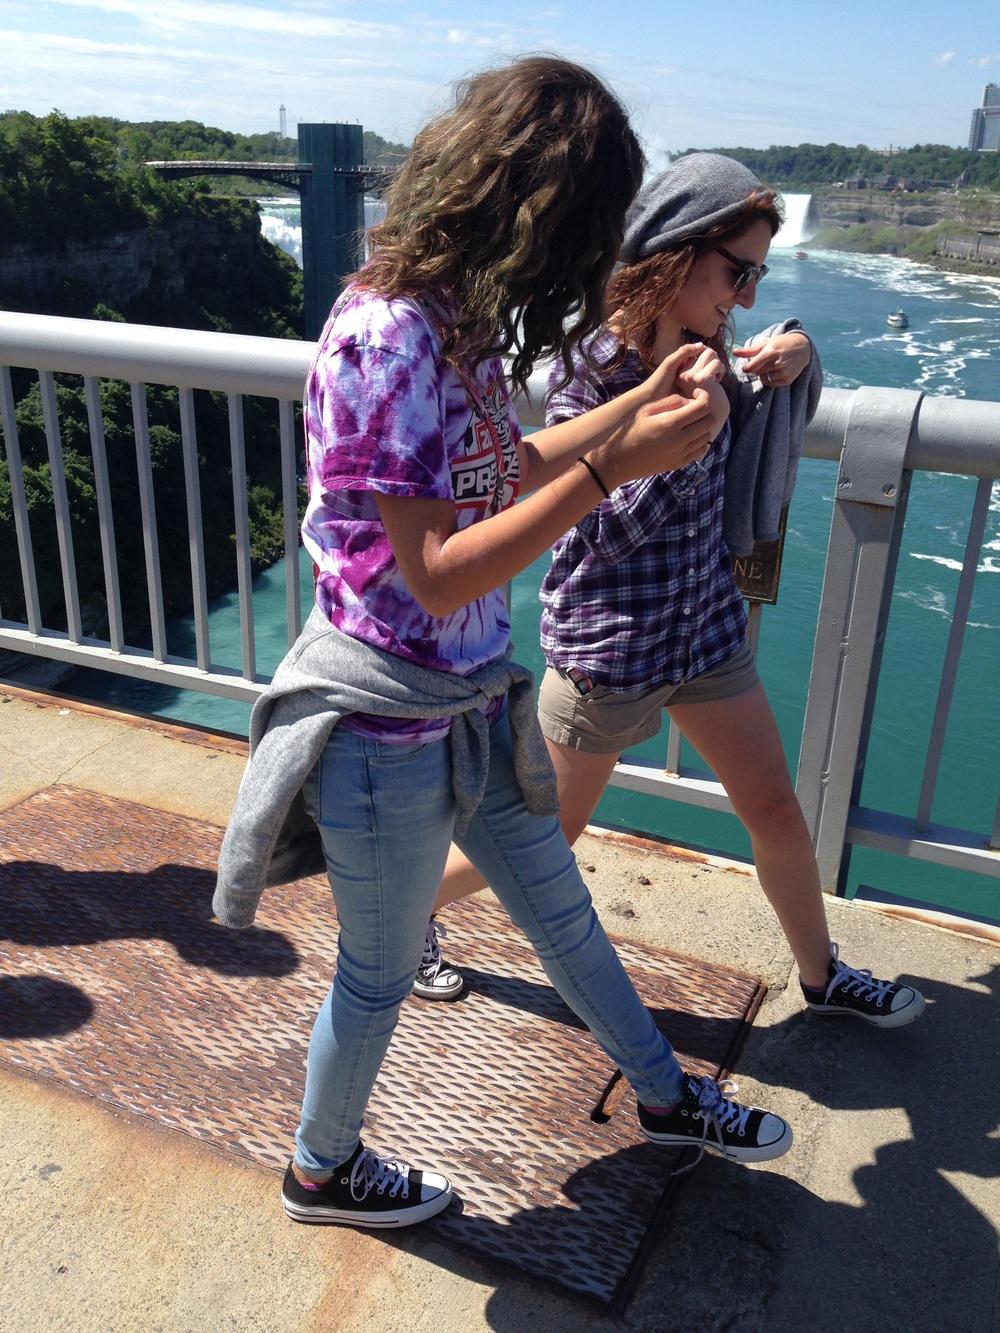 Crossing into Canada